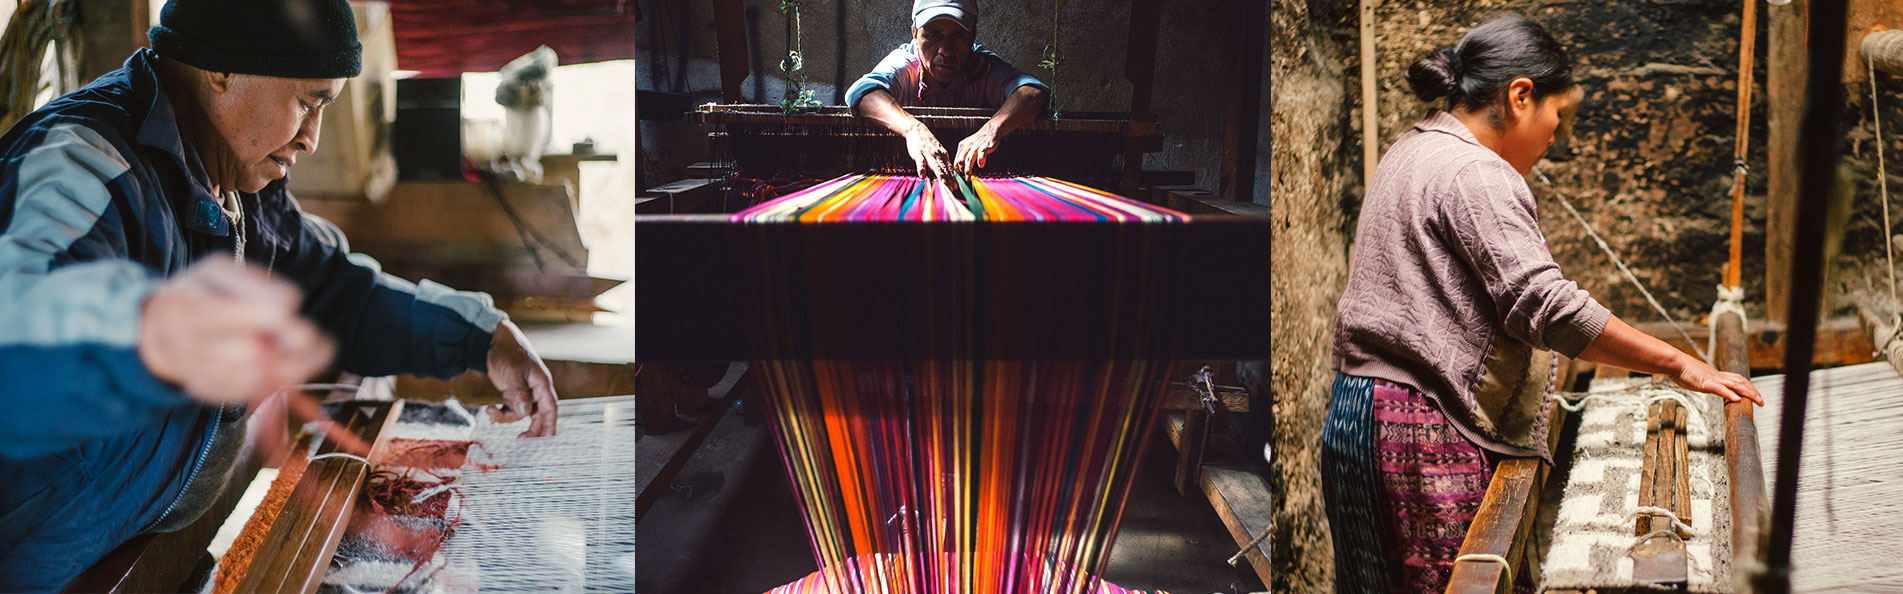 Artisans making process.